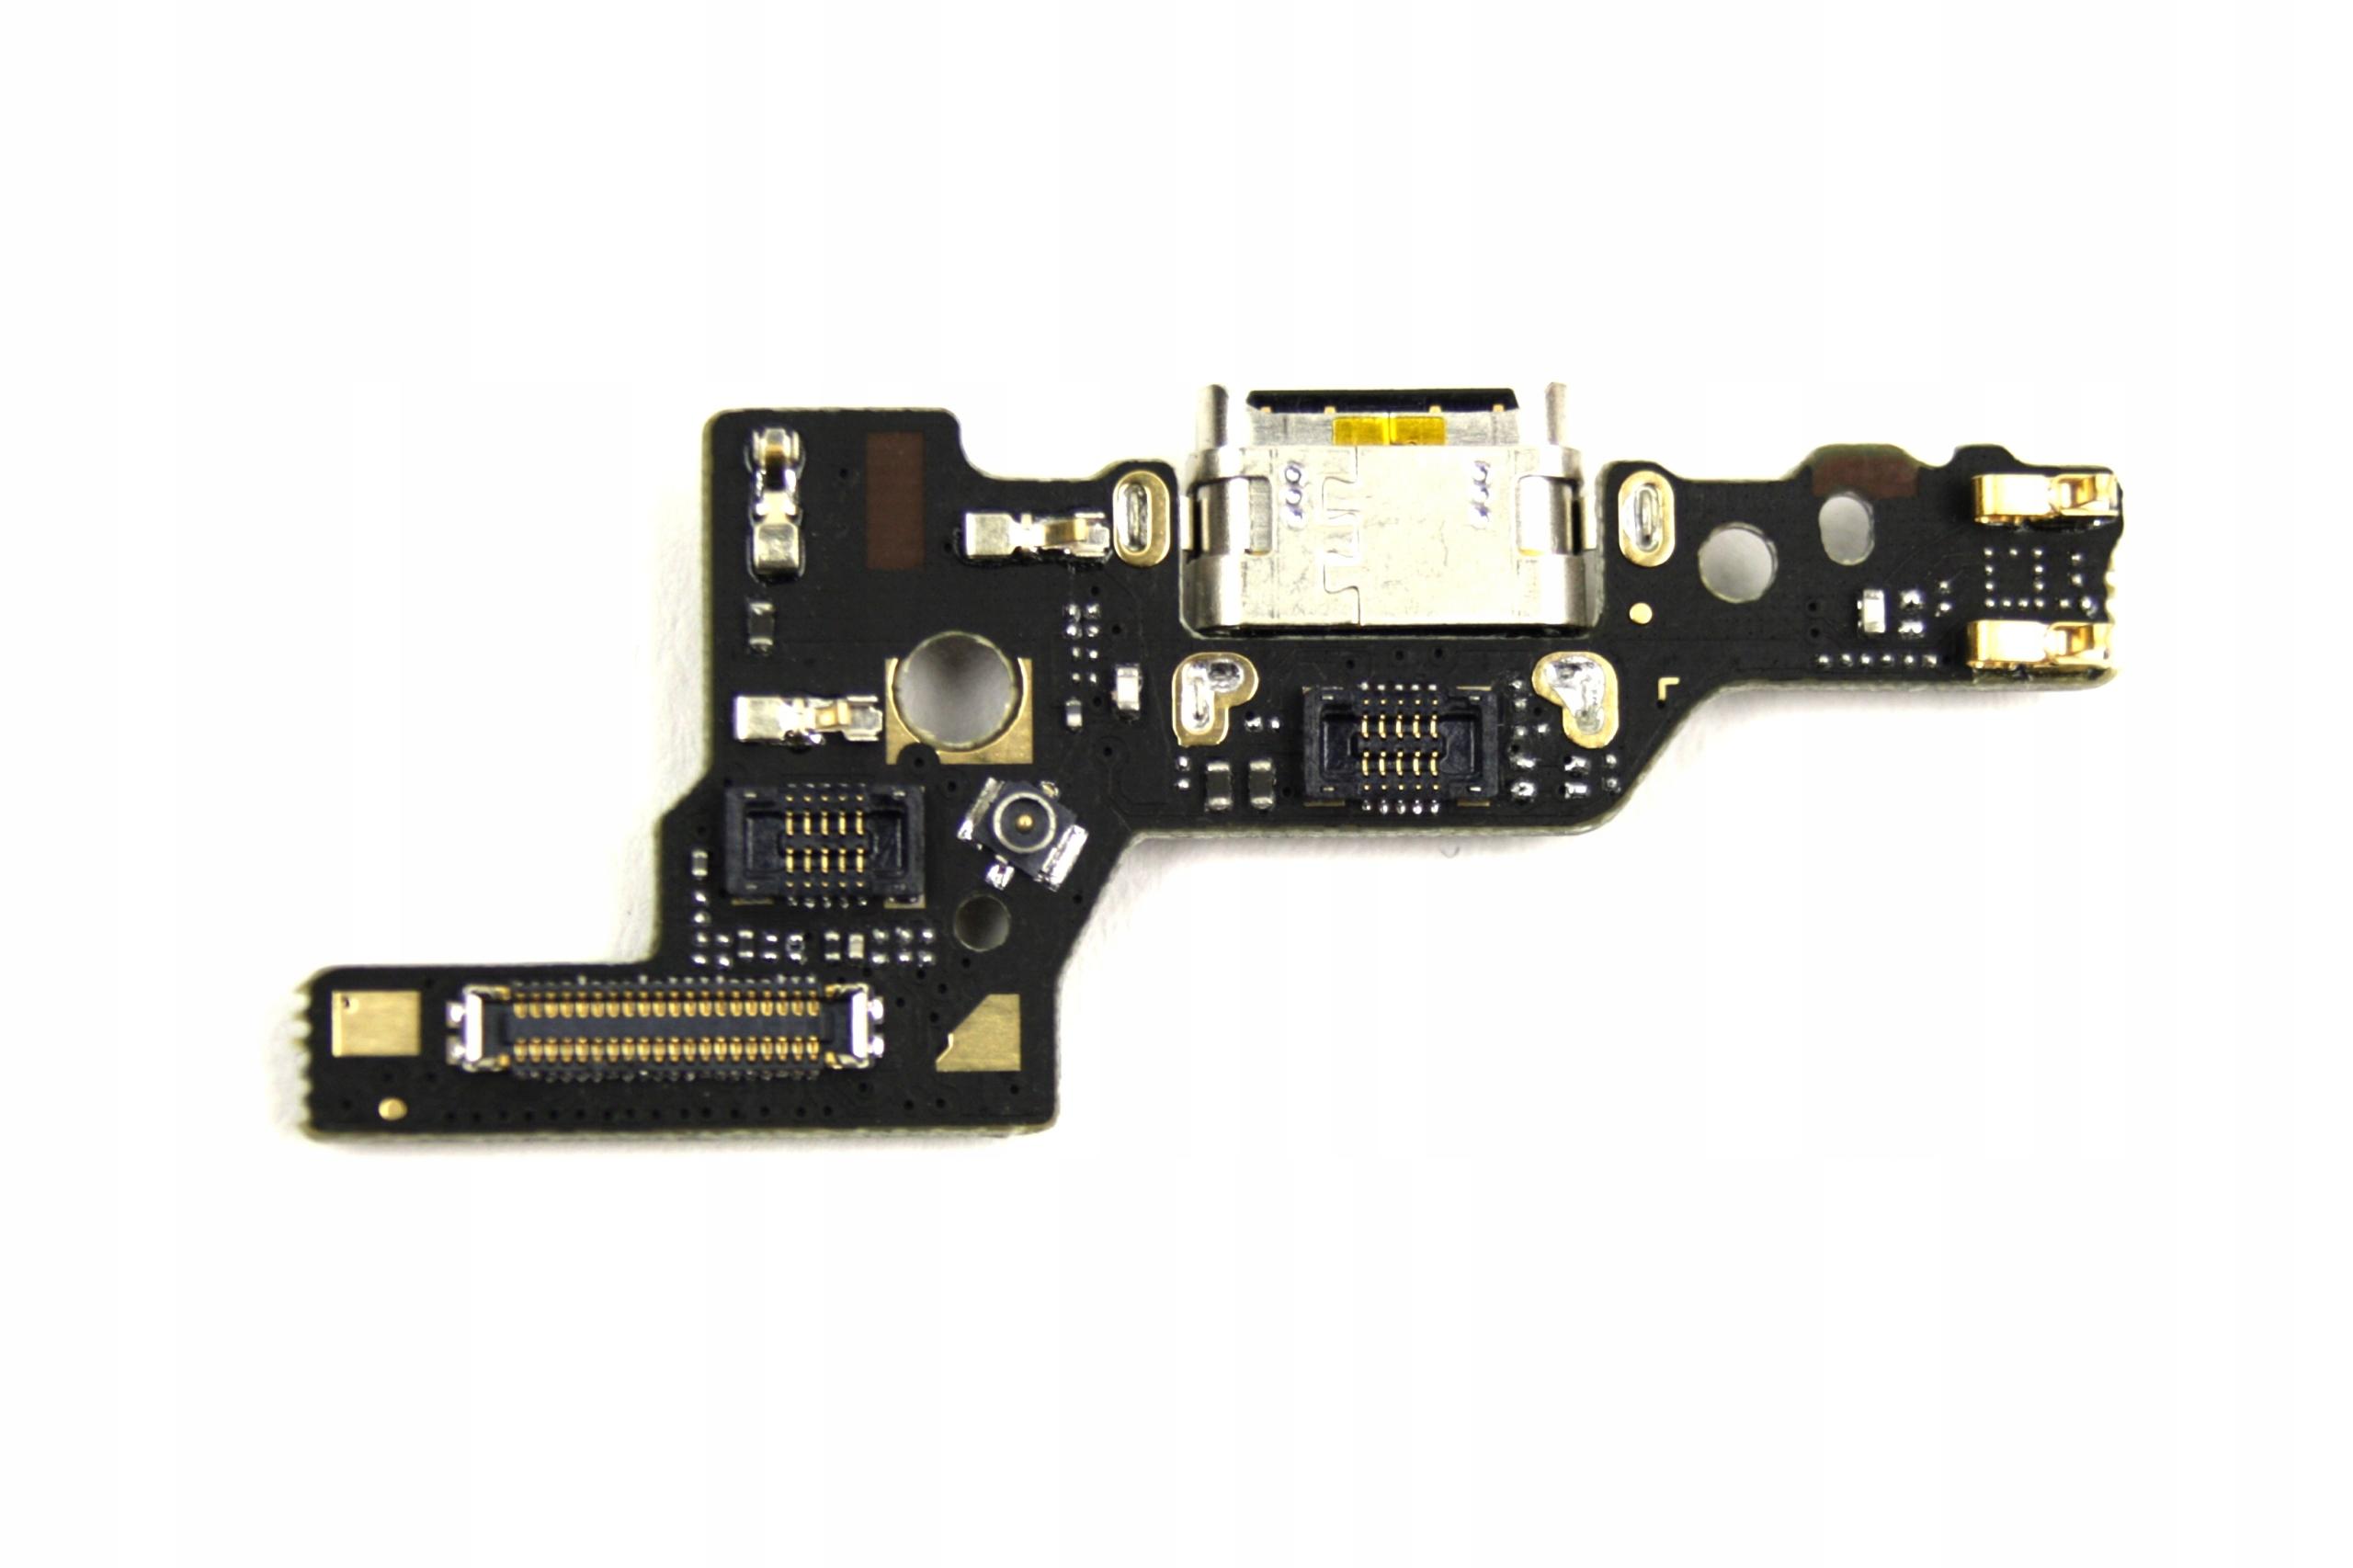 PŁYTKA USB TYP C HUAWEI P9 EVA-L09 MIKROFON ZŁĄCZE